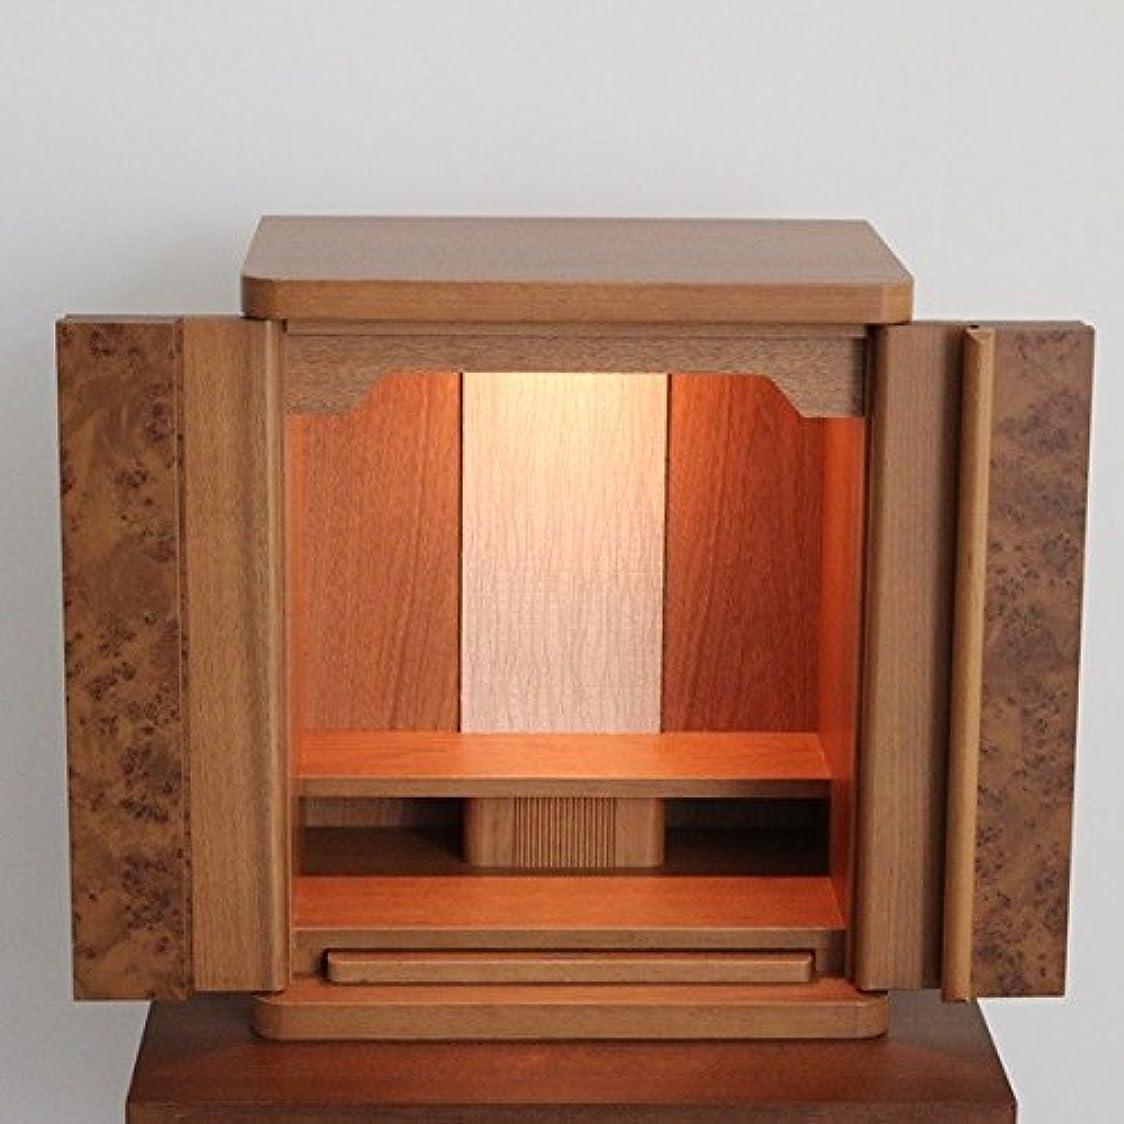 洞窟すみませんアスリート仏壇 国産 14号 家具調モダン仏壇 小型 クルミ総張材 玉木仕上げ